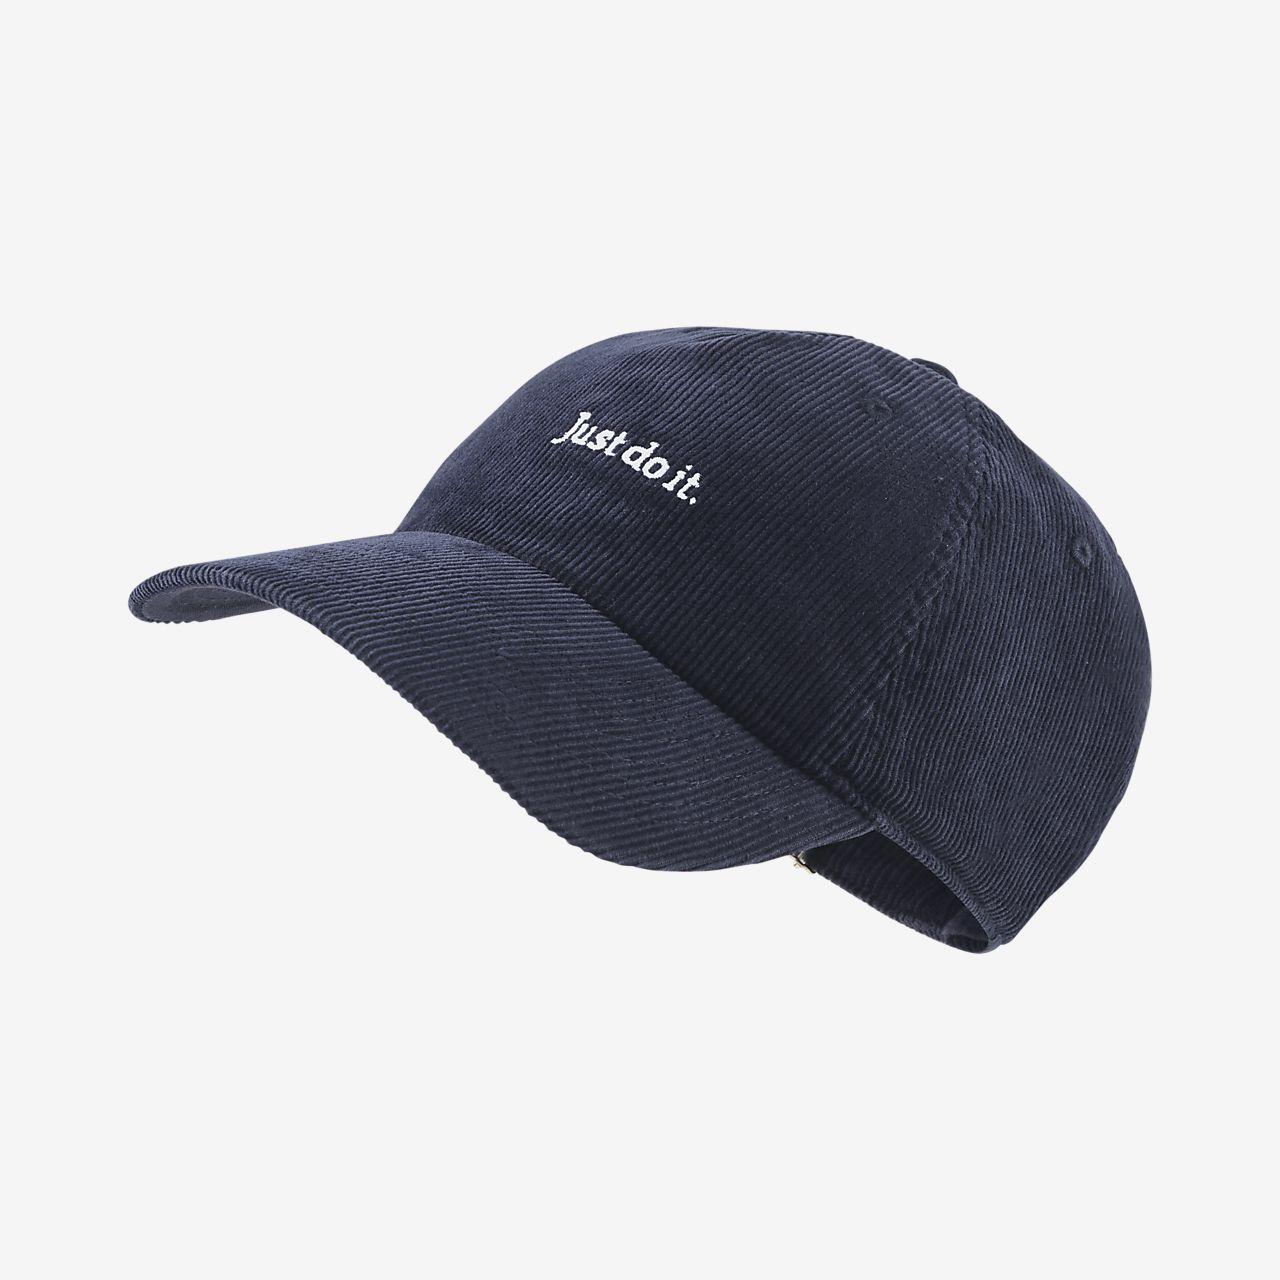 NikeLab H86 JDI 帽款